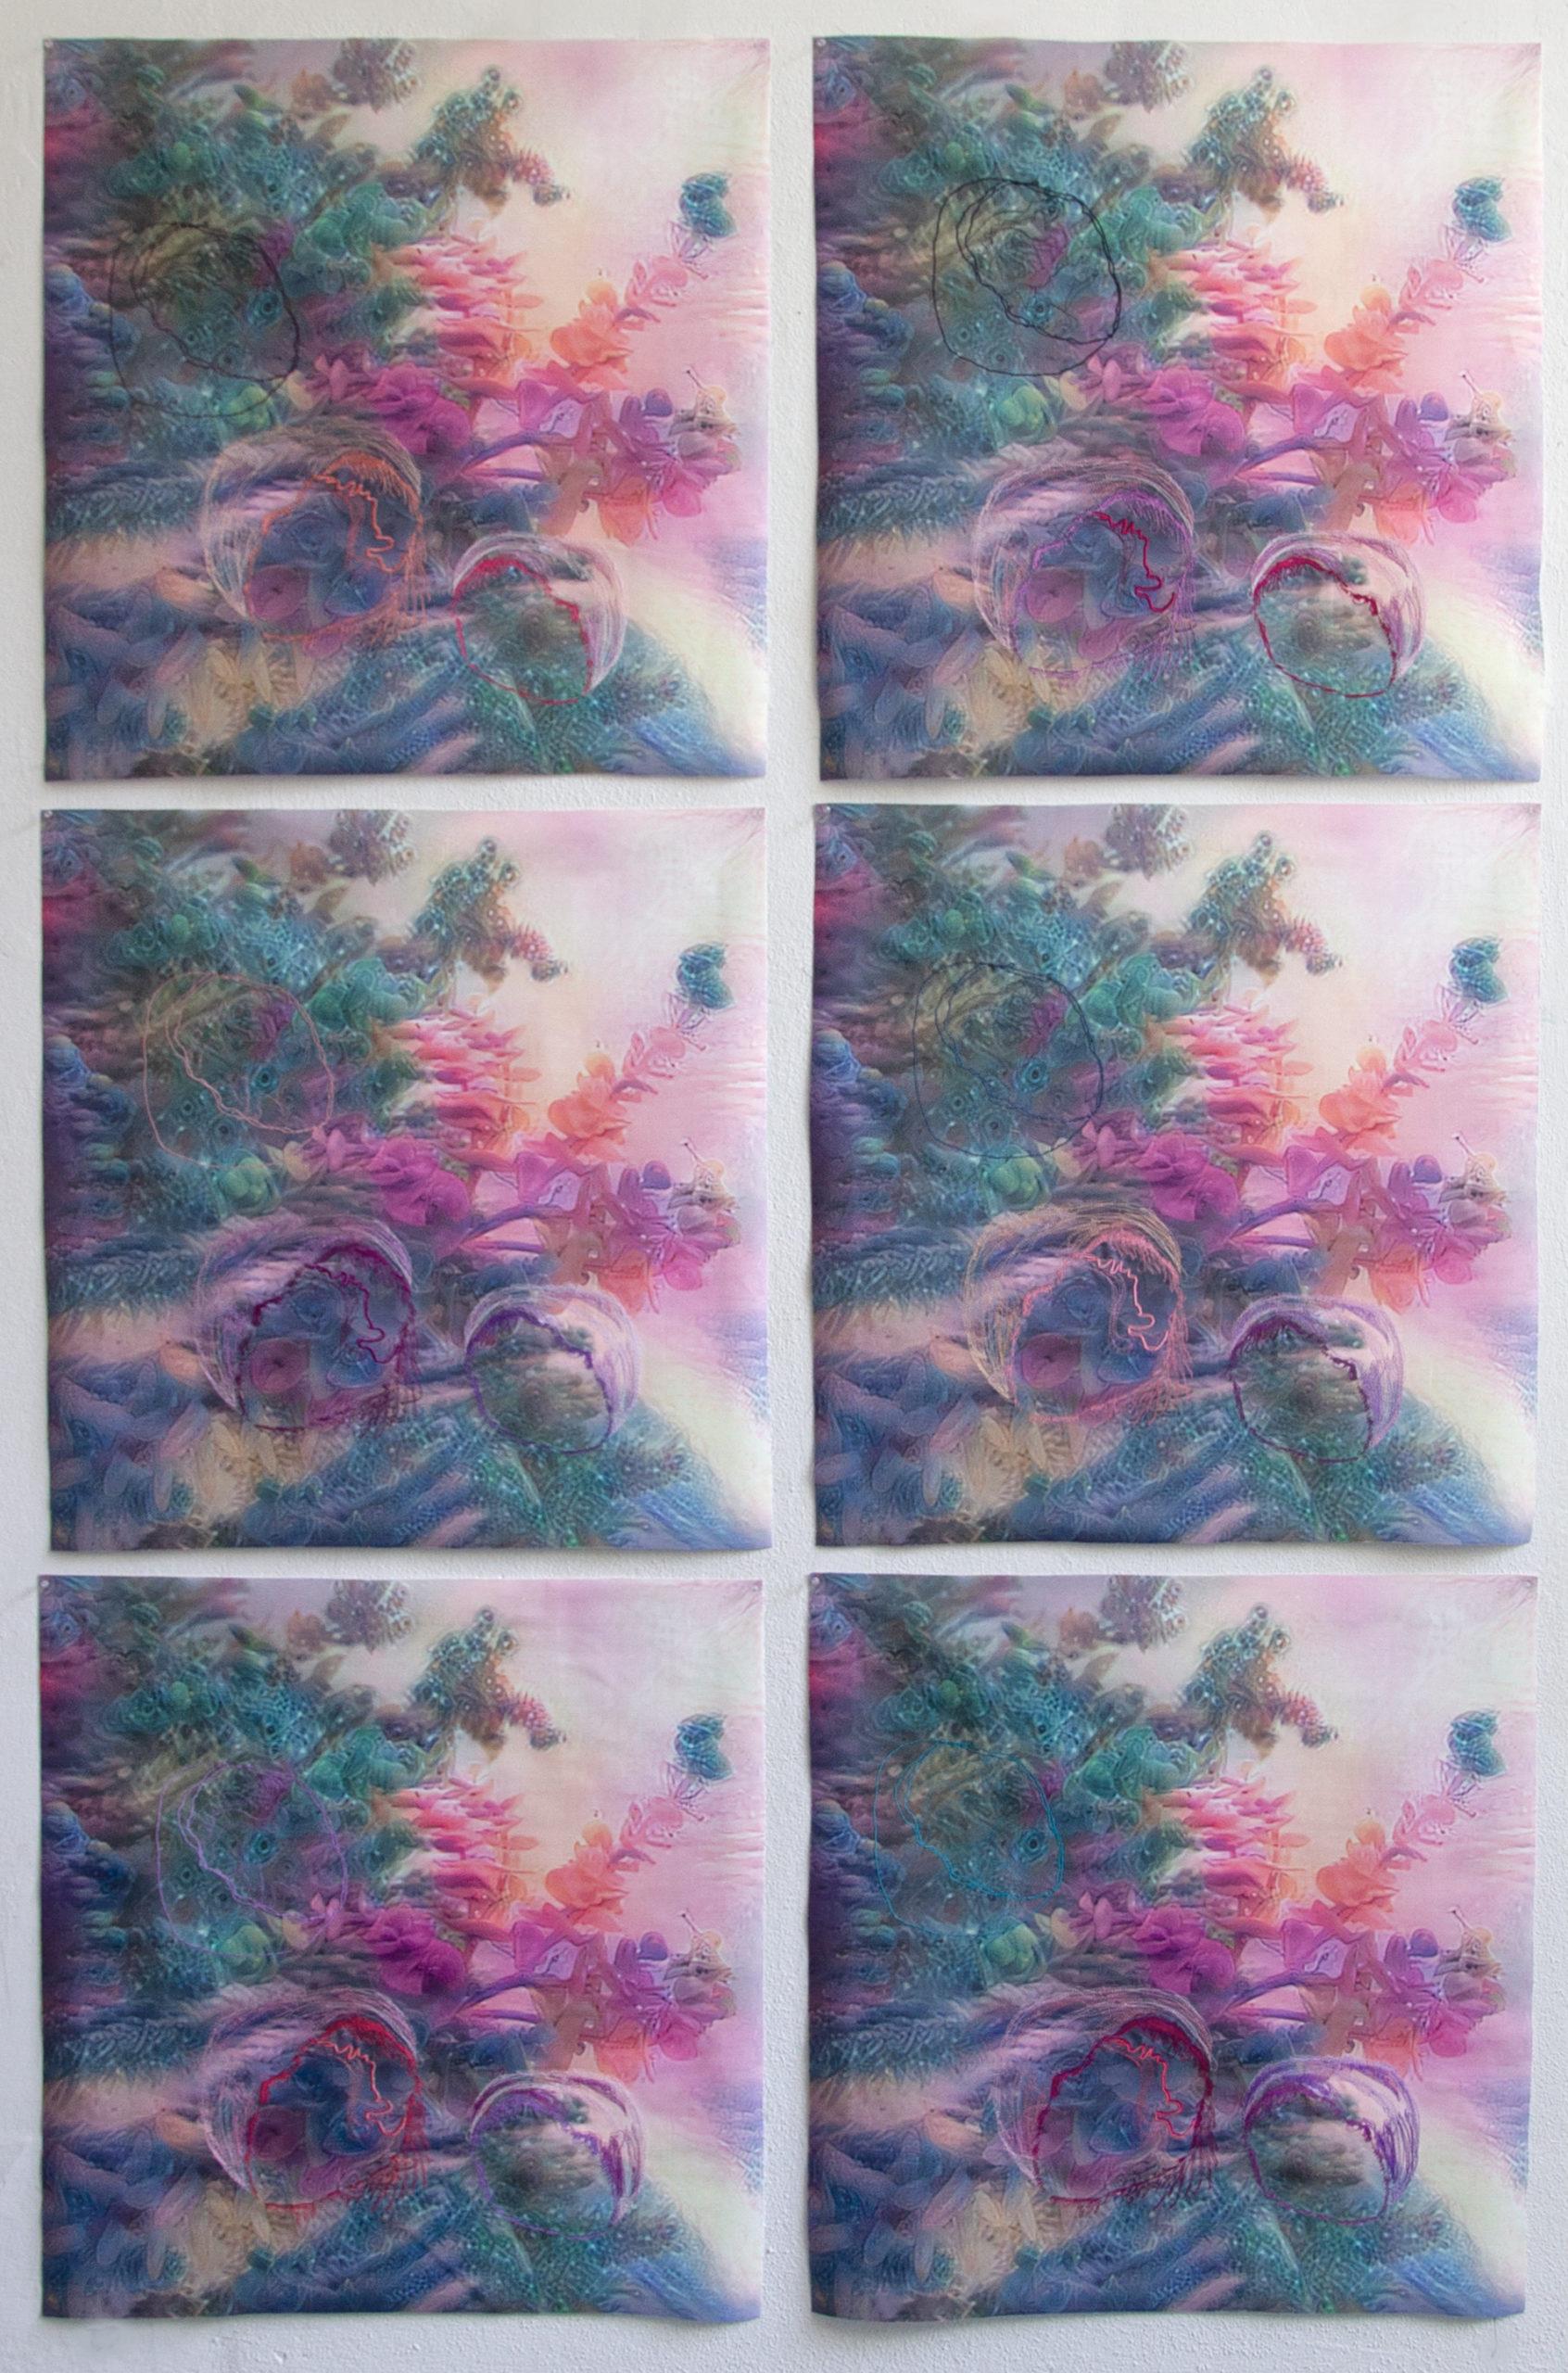 Gretta Louw, In this organism, singular and plural, 6 Variationen, digitale Stickereien, digitaler Druck auf Leinen und Wachs, 61 x 61 cm, 2021